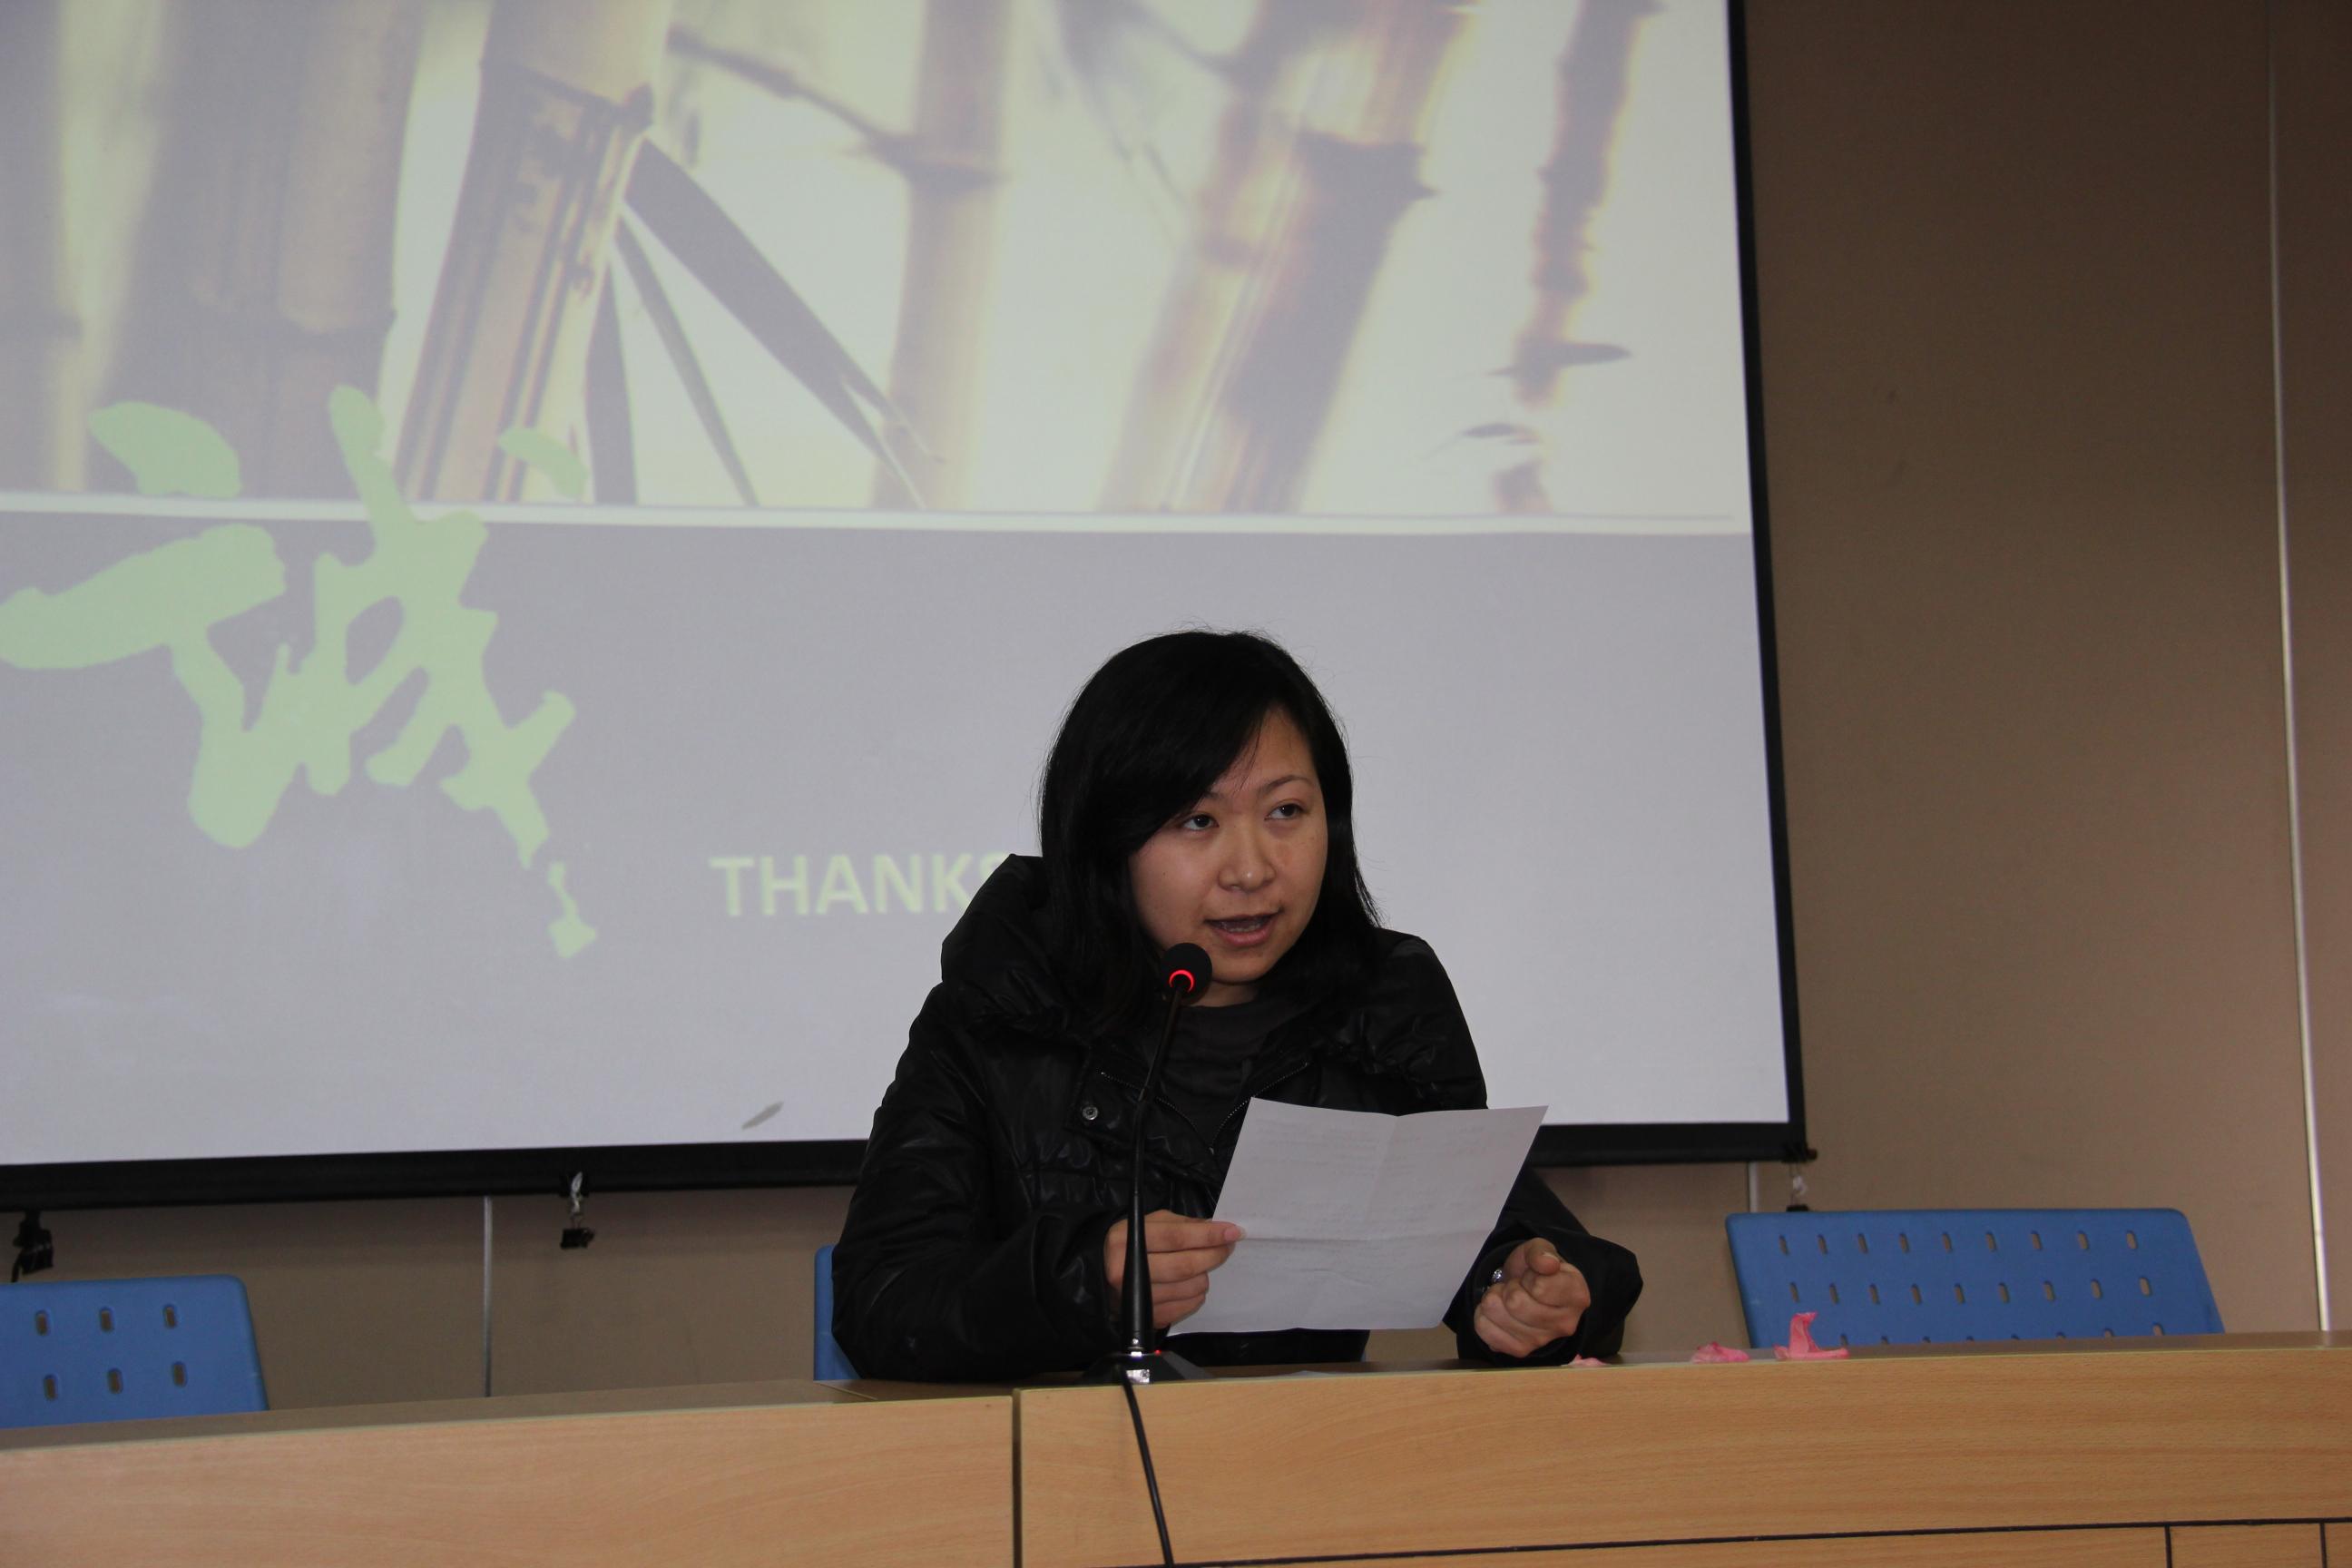 苏州市振华中学校班主任第一次全体会议